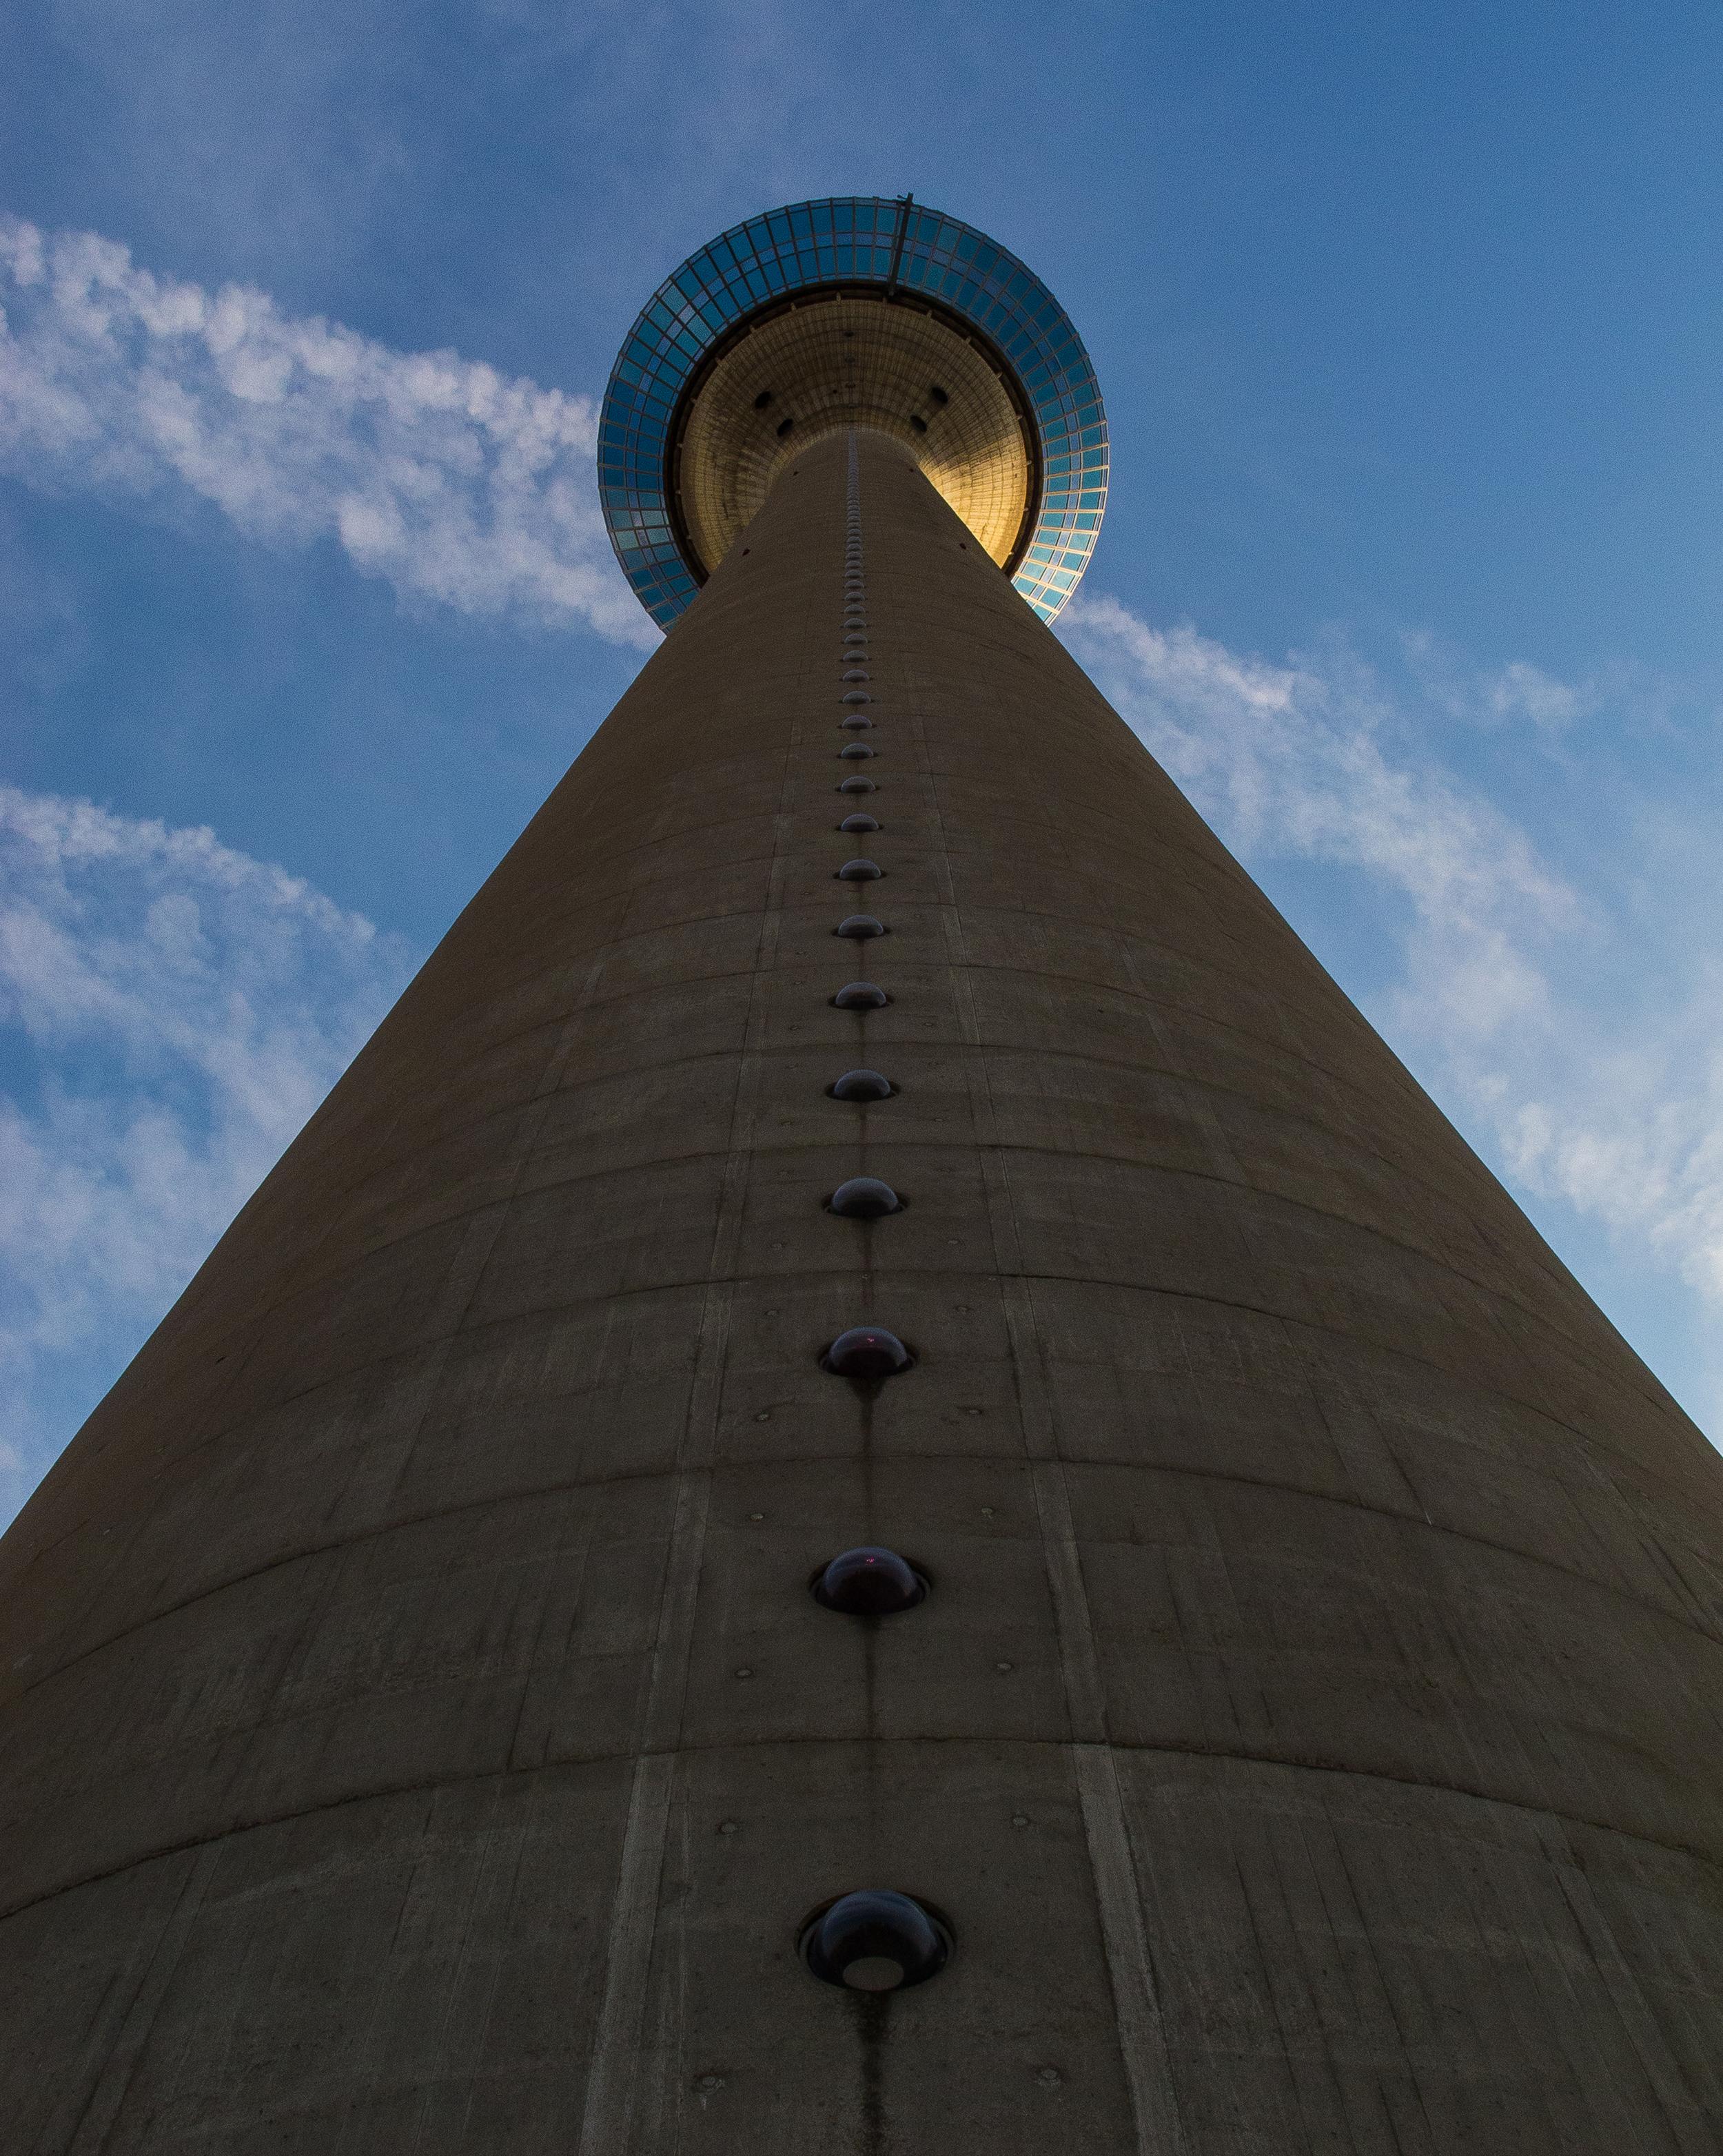 rhine tower vertical.jpg